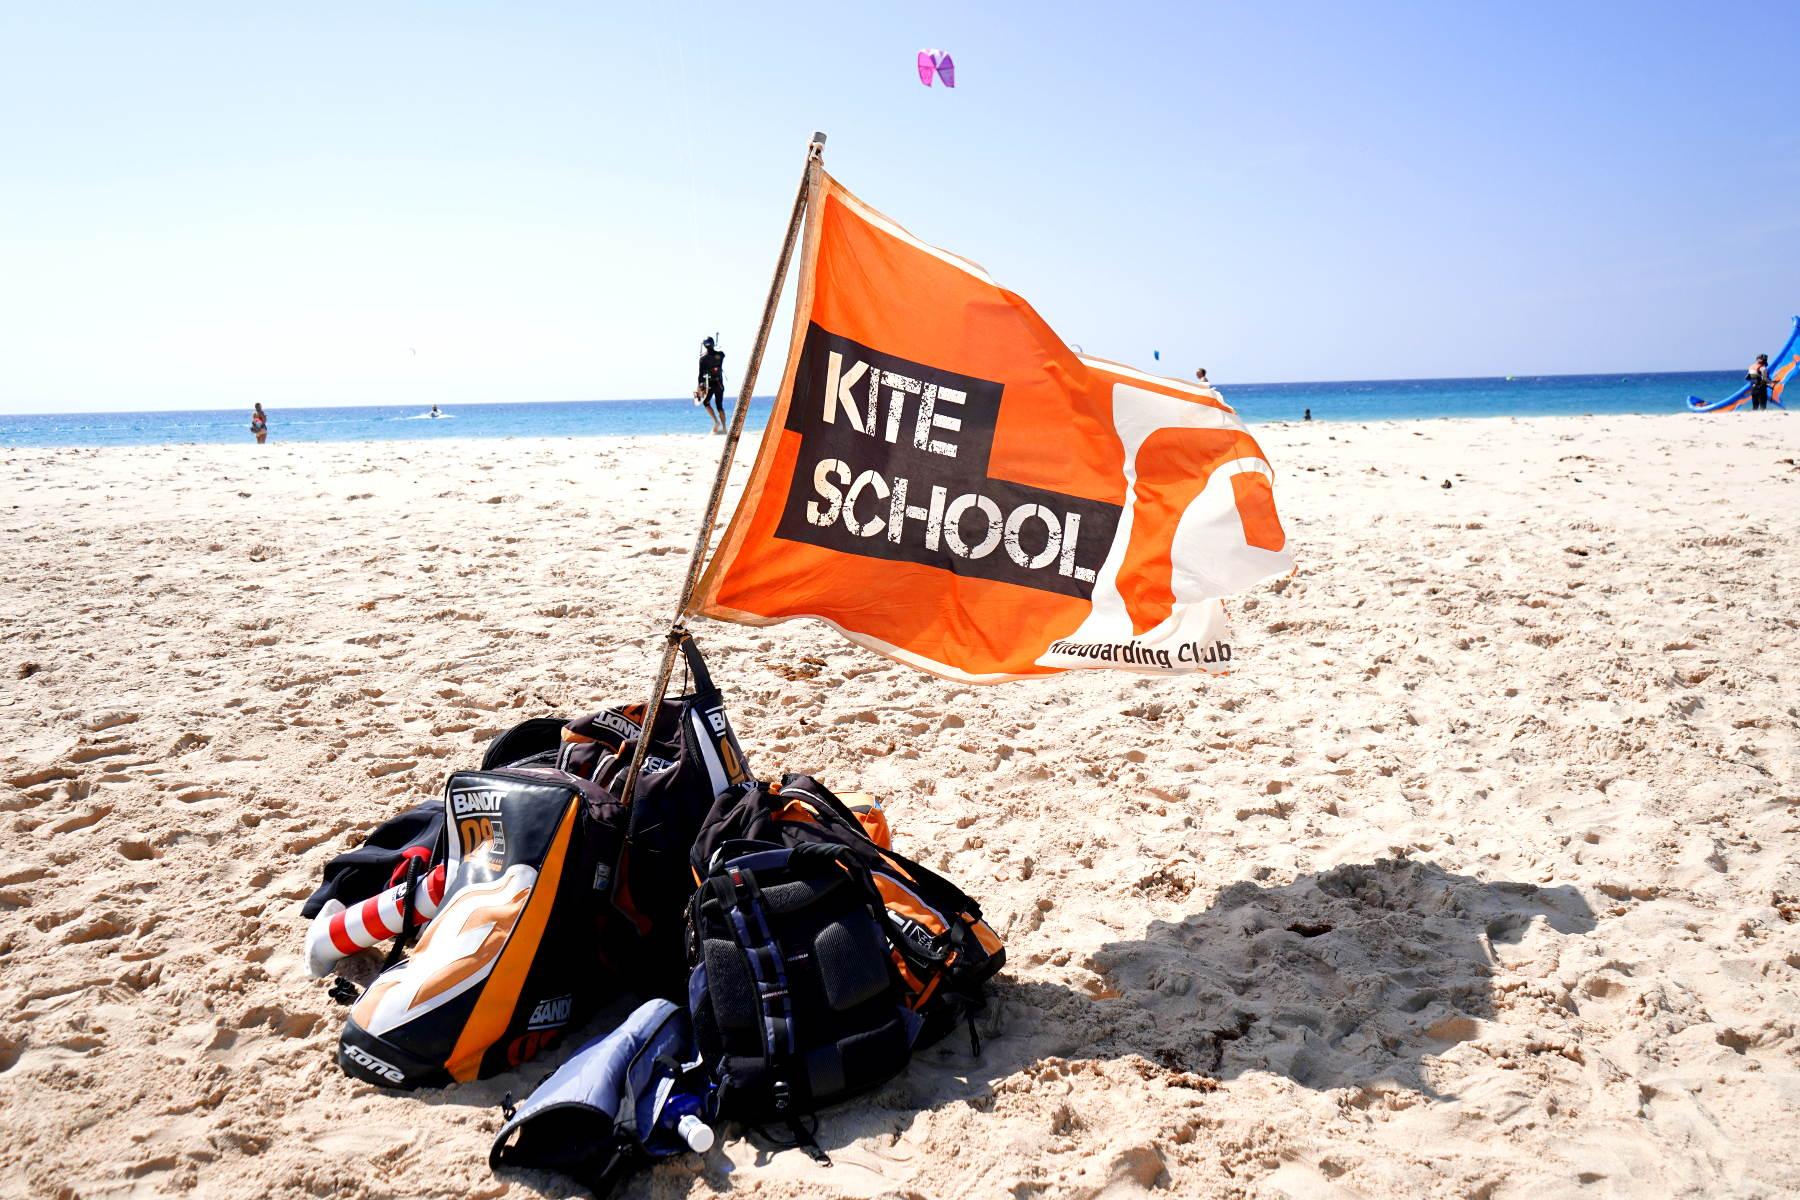 Flagge Kite School mit Ausrüstung am Strand - Kitesurfen in Tarifa